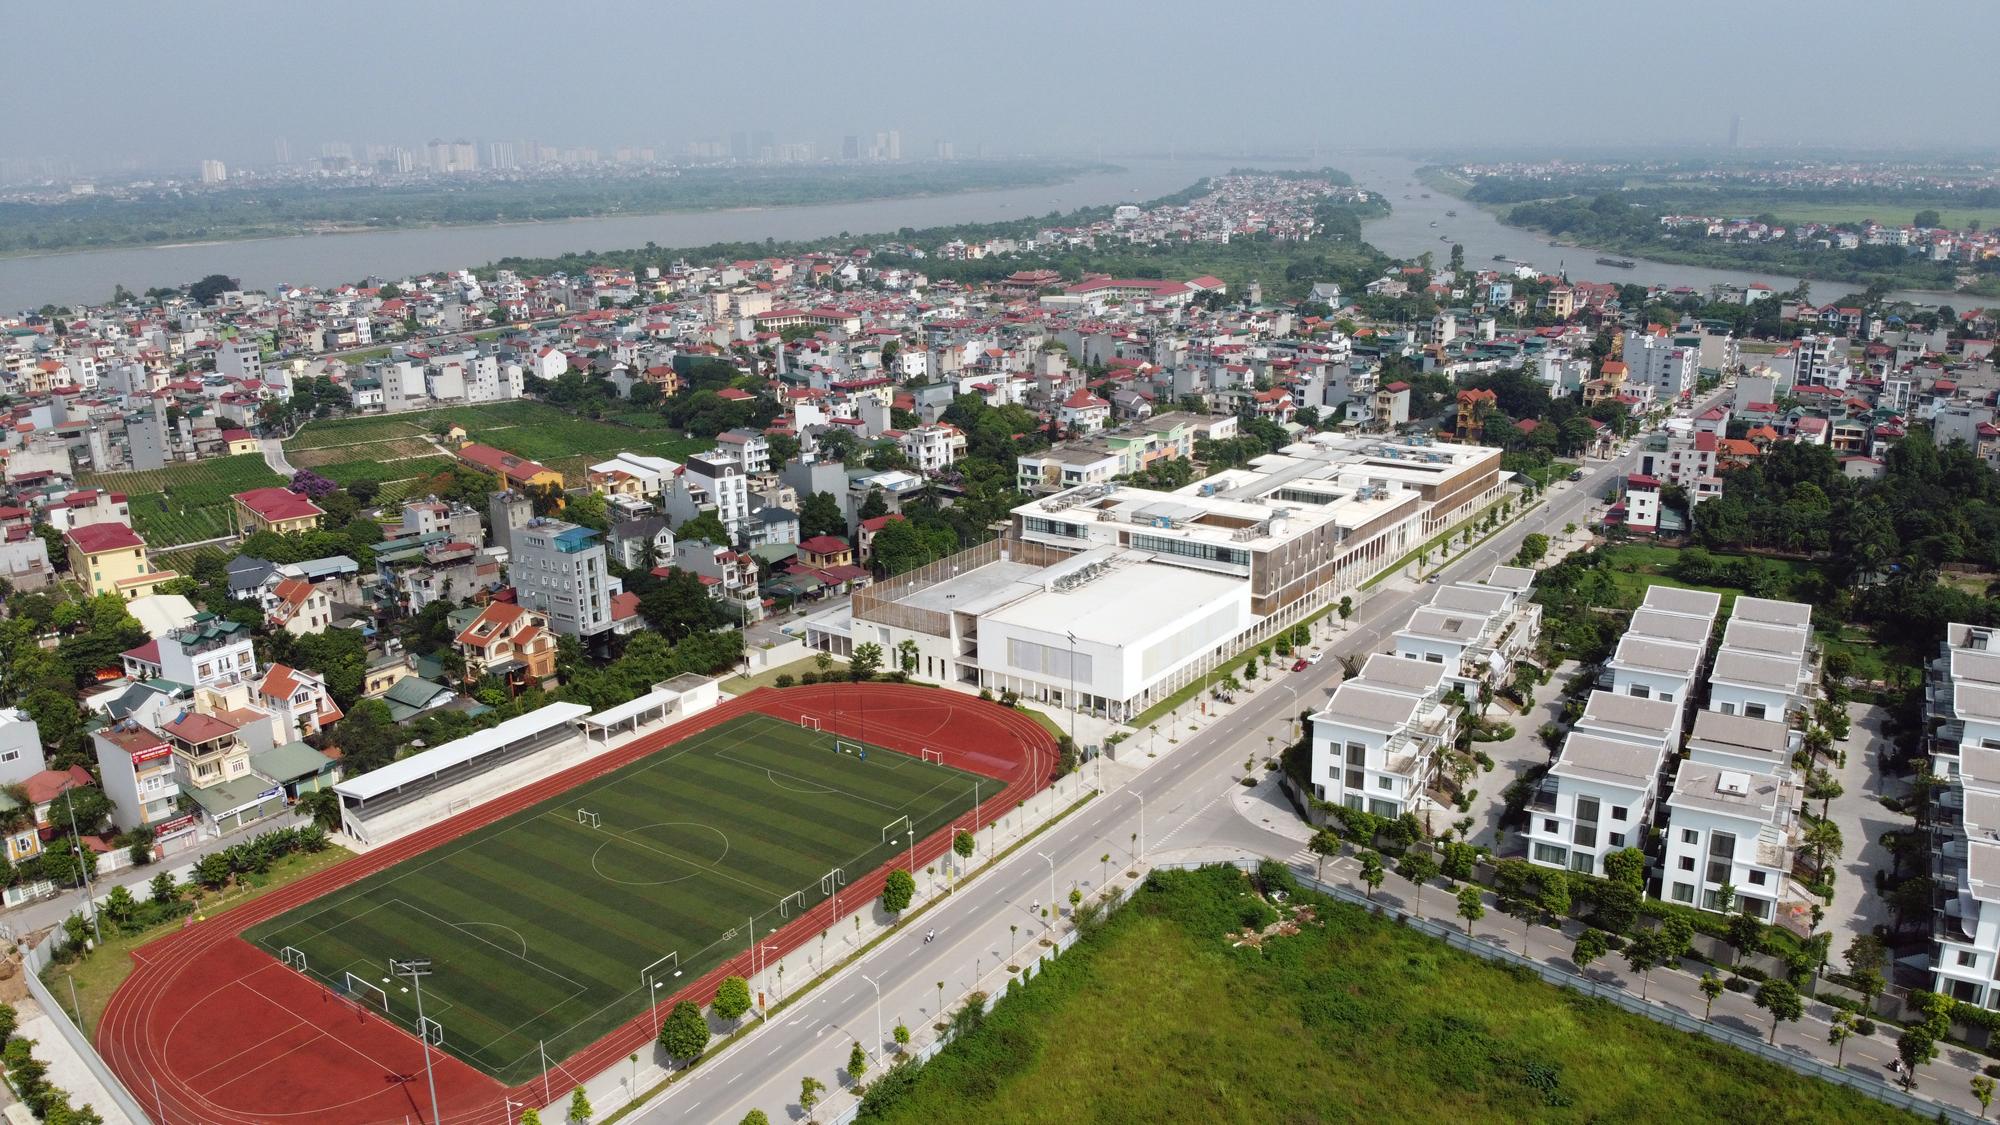 Những dự án chung cư gần các khu đất sẽ đào hồ lớn ở quận Long Biên - Ảnh 10.